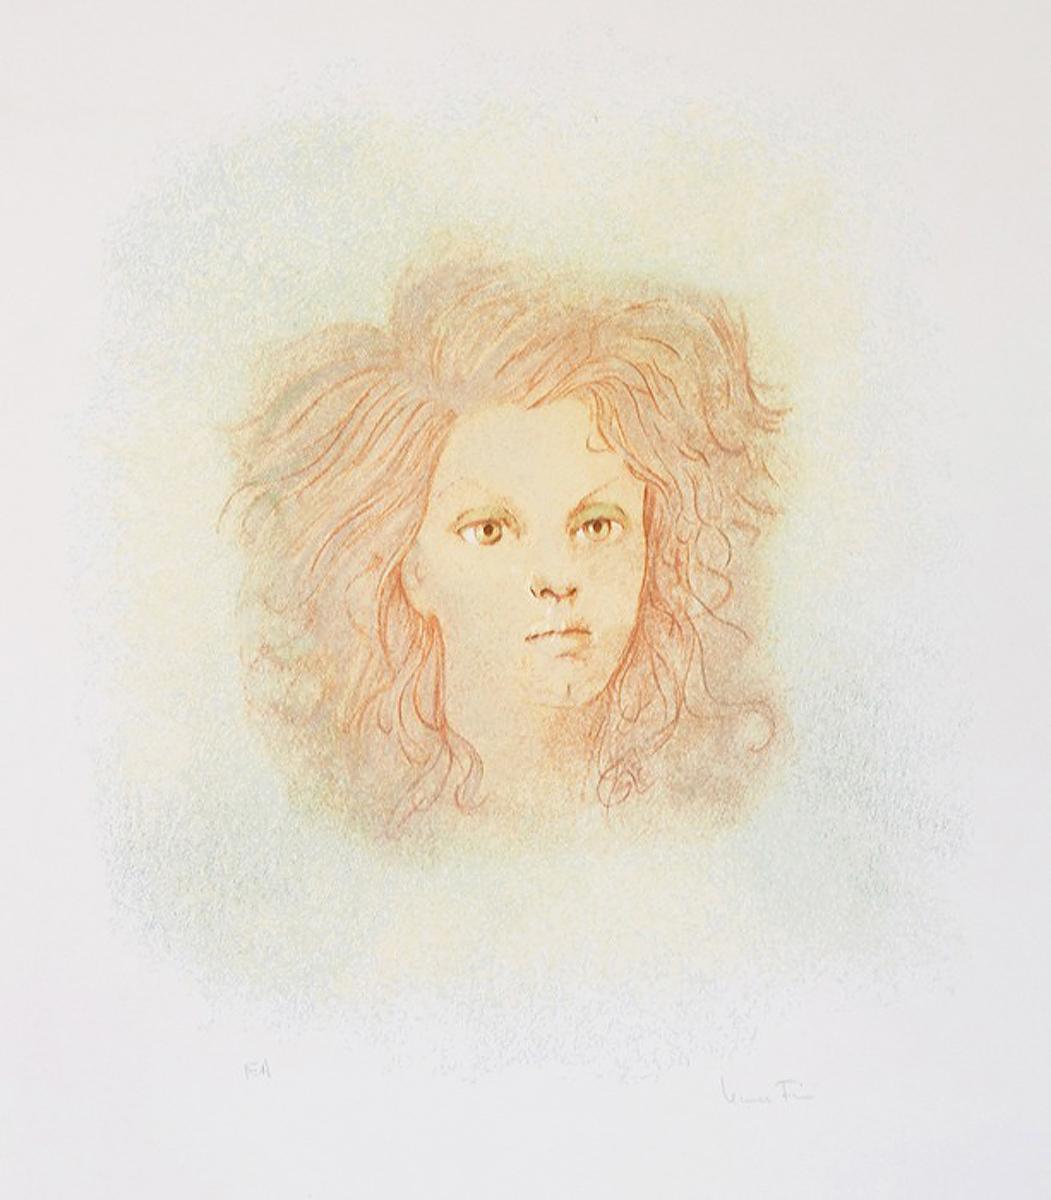 Цветная литография Портрет девушки. Леонор Фини. Франция, 1960-1970-е гг эсмеральда литография 83 100 эдуард гёрг франция 1960 гг